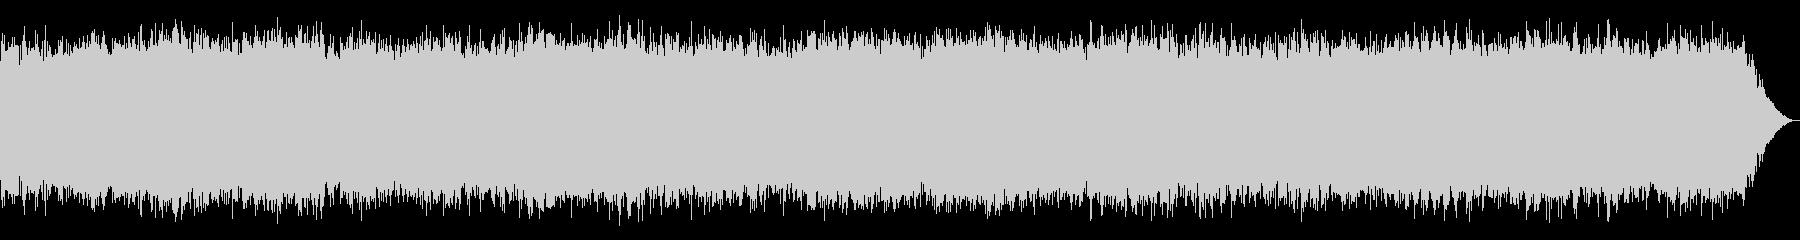 冷蔵庫の中の音01(3分-通常版)の未再生の波形